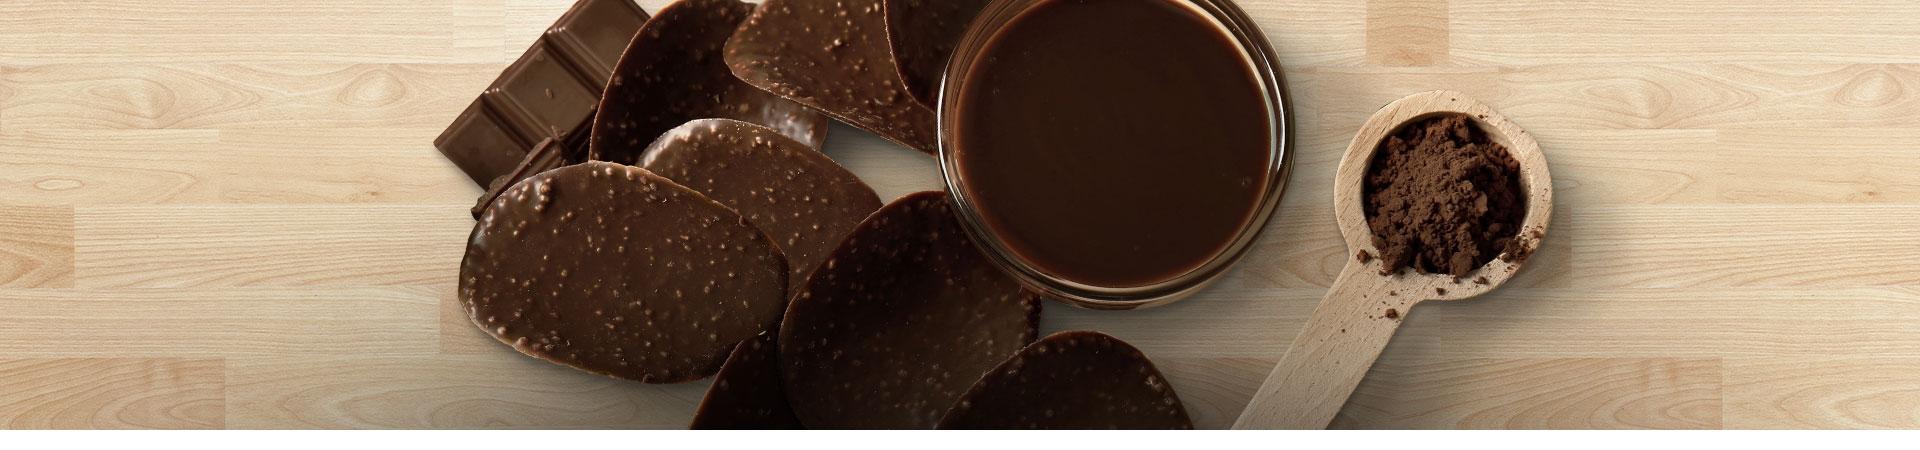 Chocolate Manufacturer Johor Bahru (JB), Malaysia